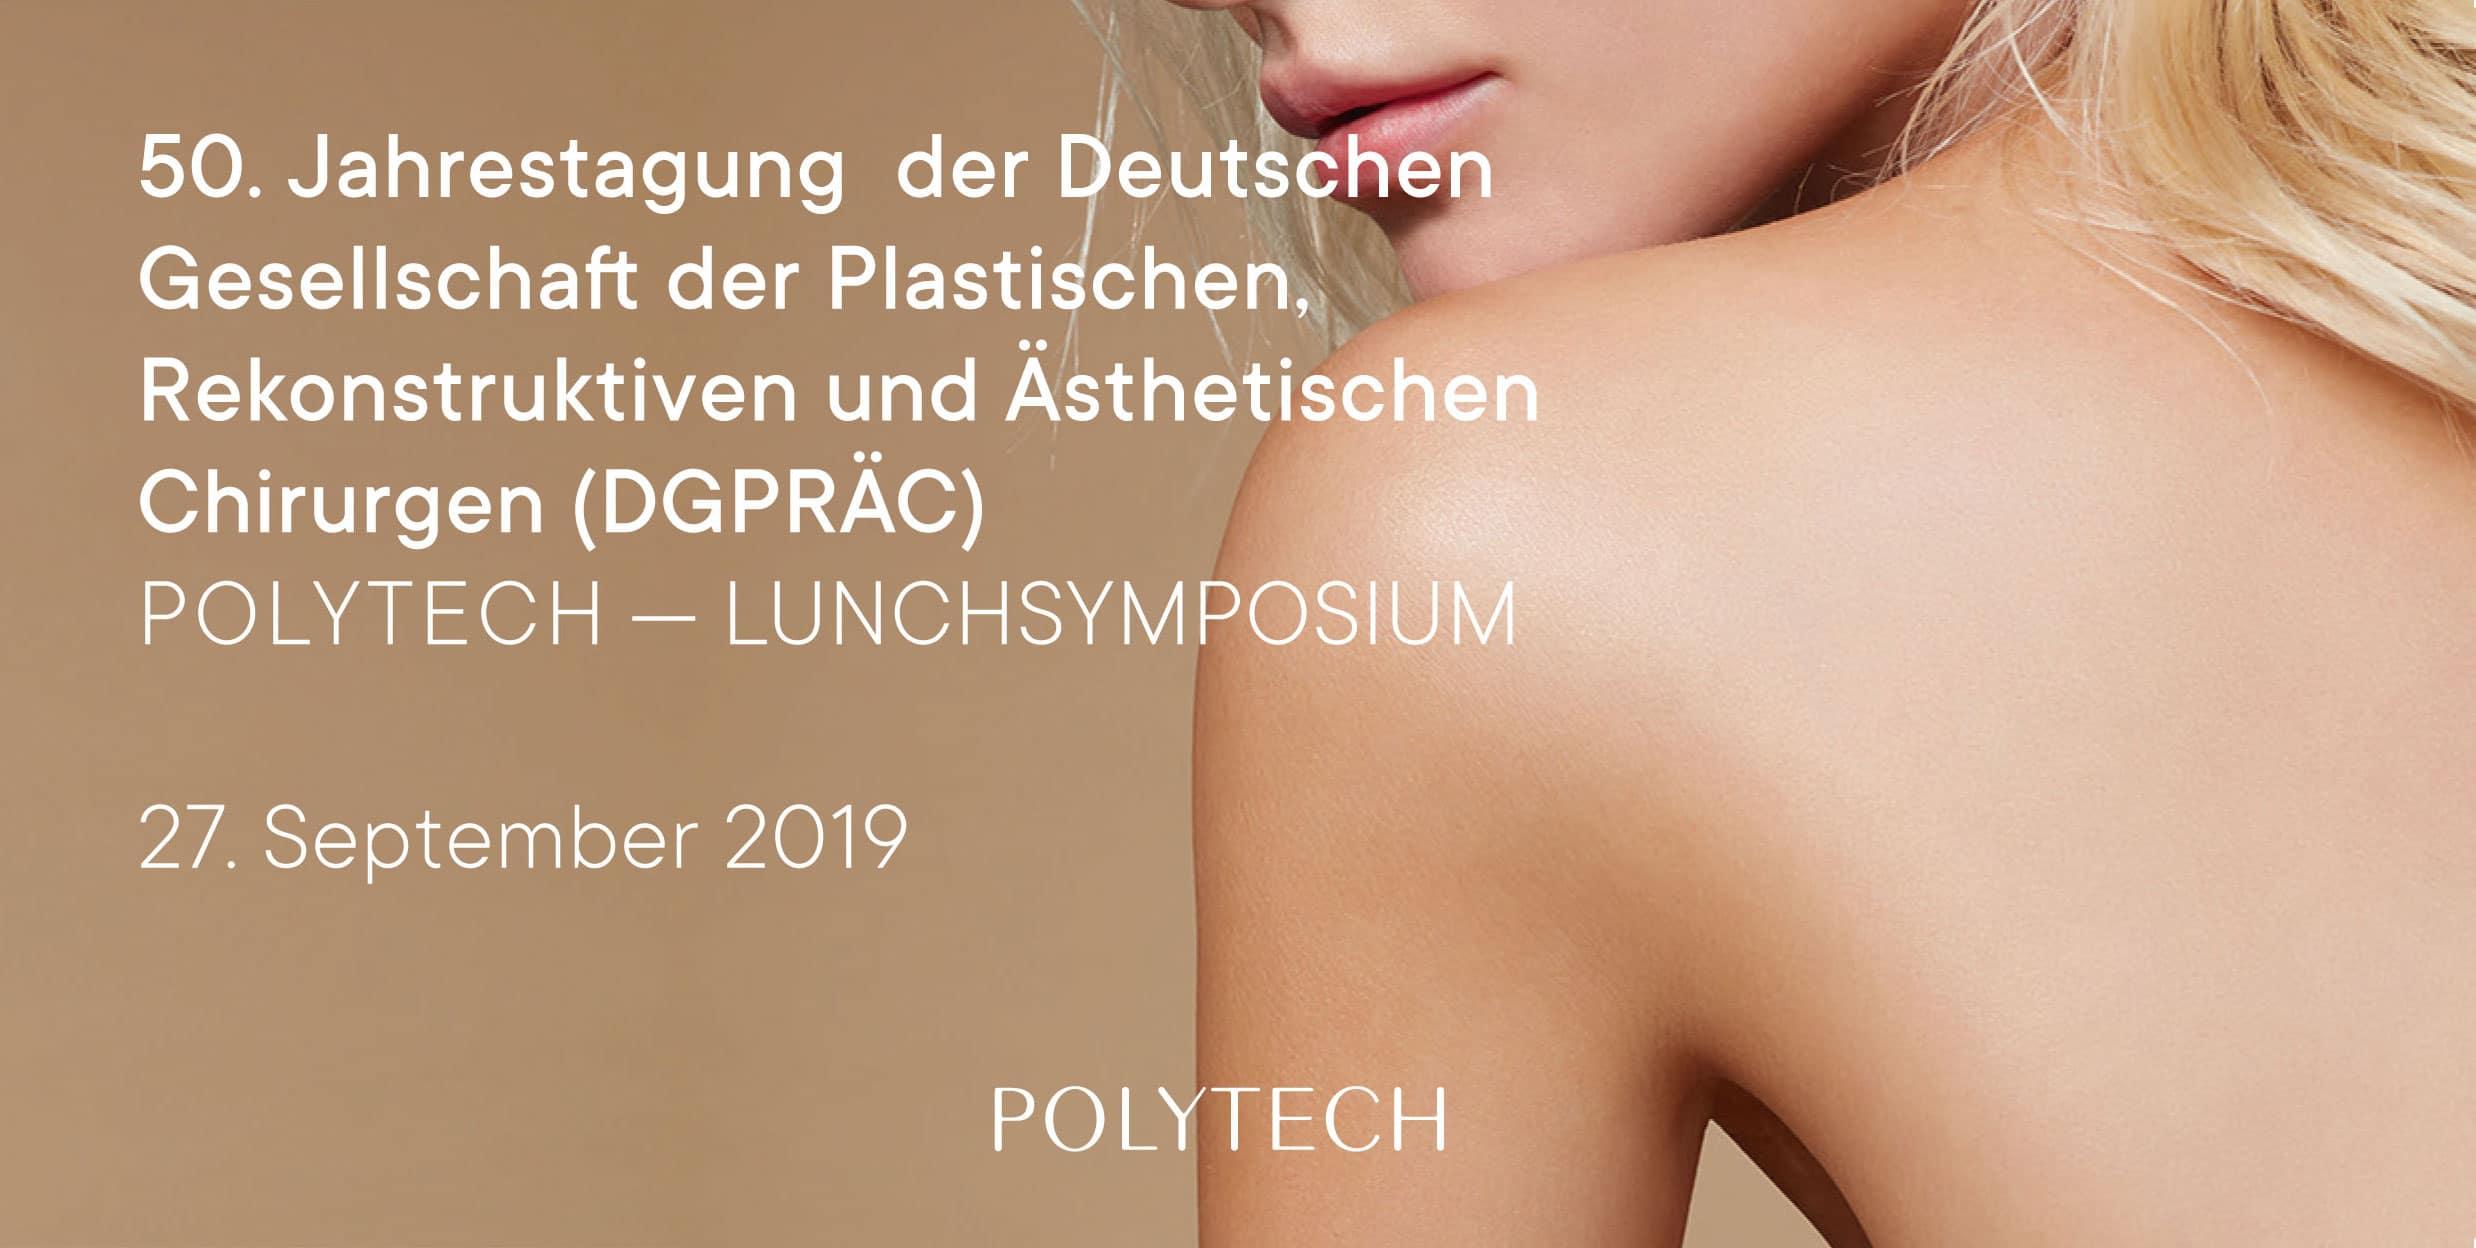 50. Jahrestagung-DGPRÄC-Lunch-Symposium-1